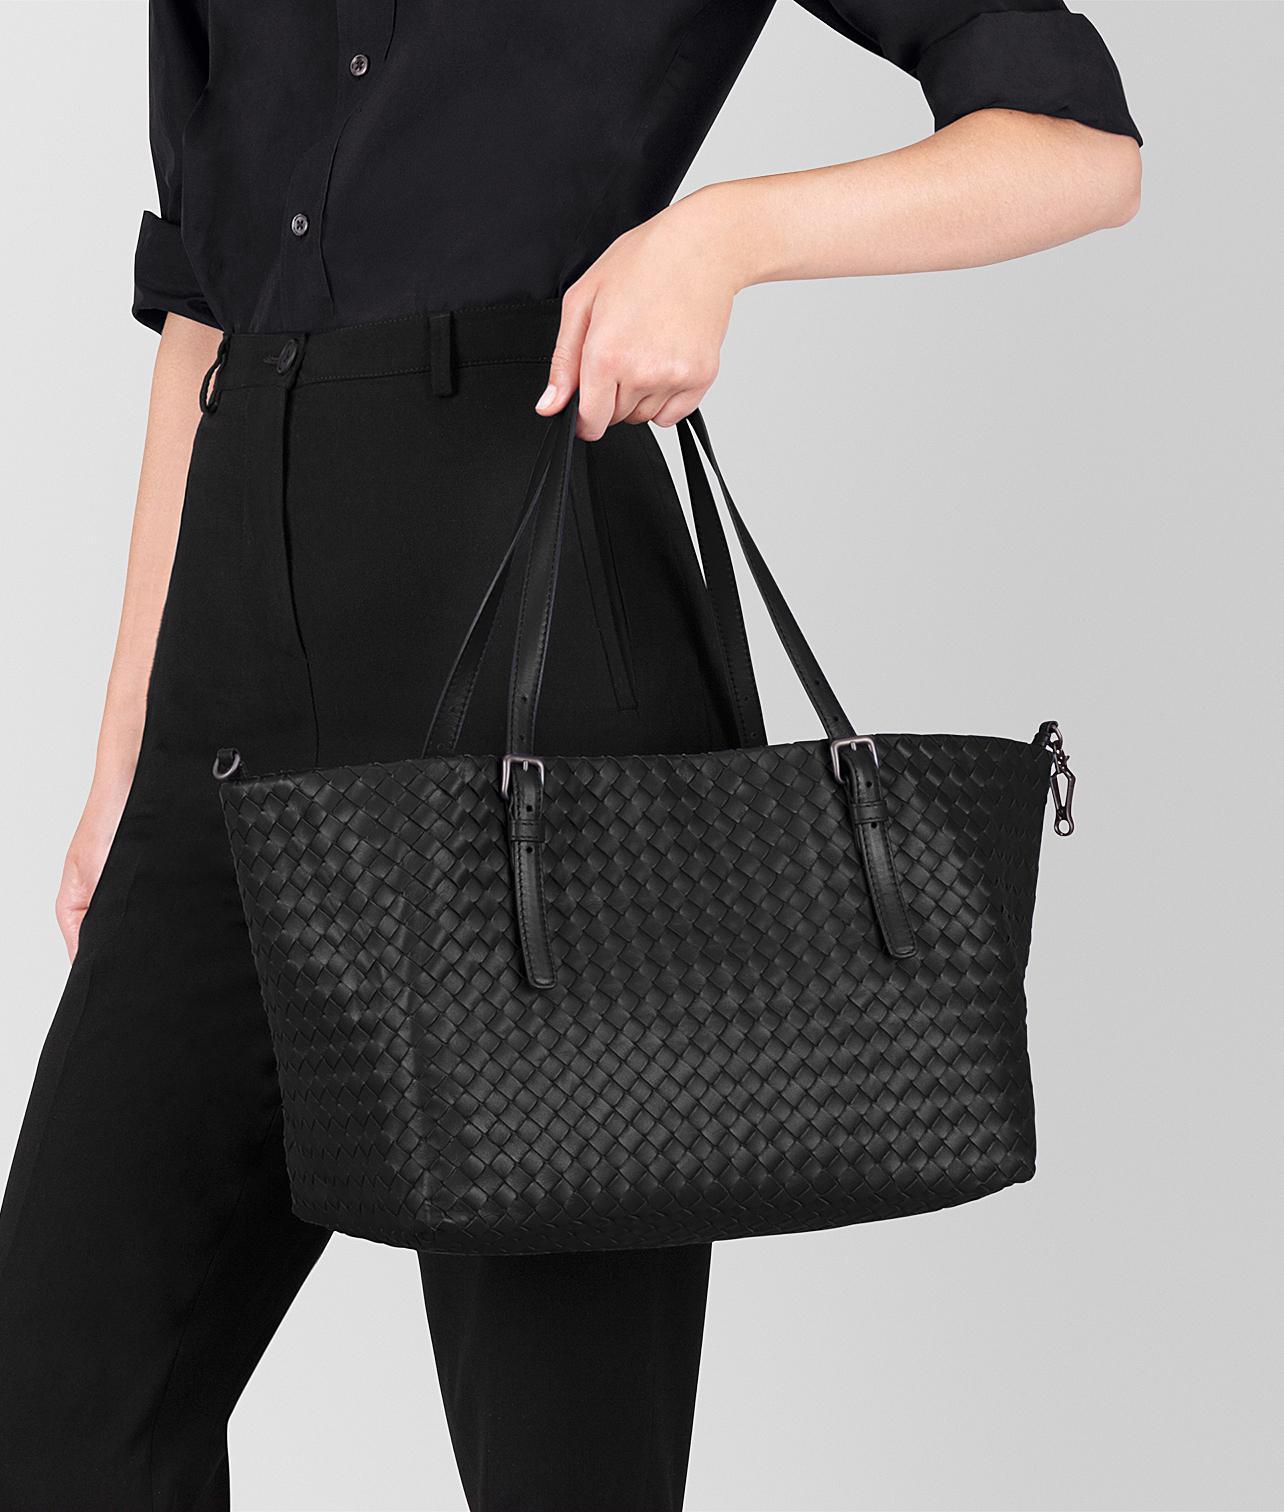 Bottega Veneta Nero Intrecciato Nappa Leather Medium Cesta Bag in ... a0e7bb90b1